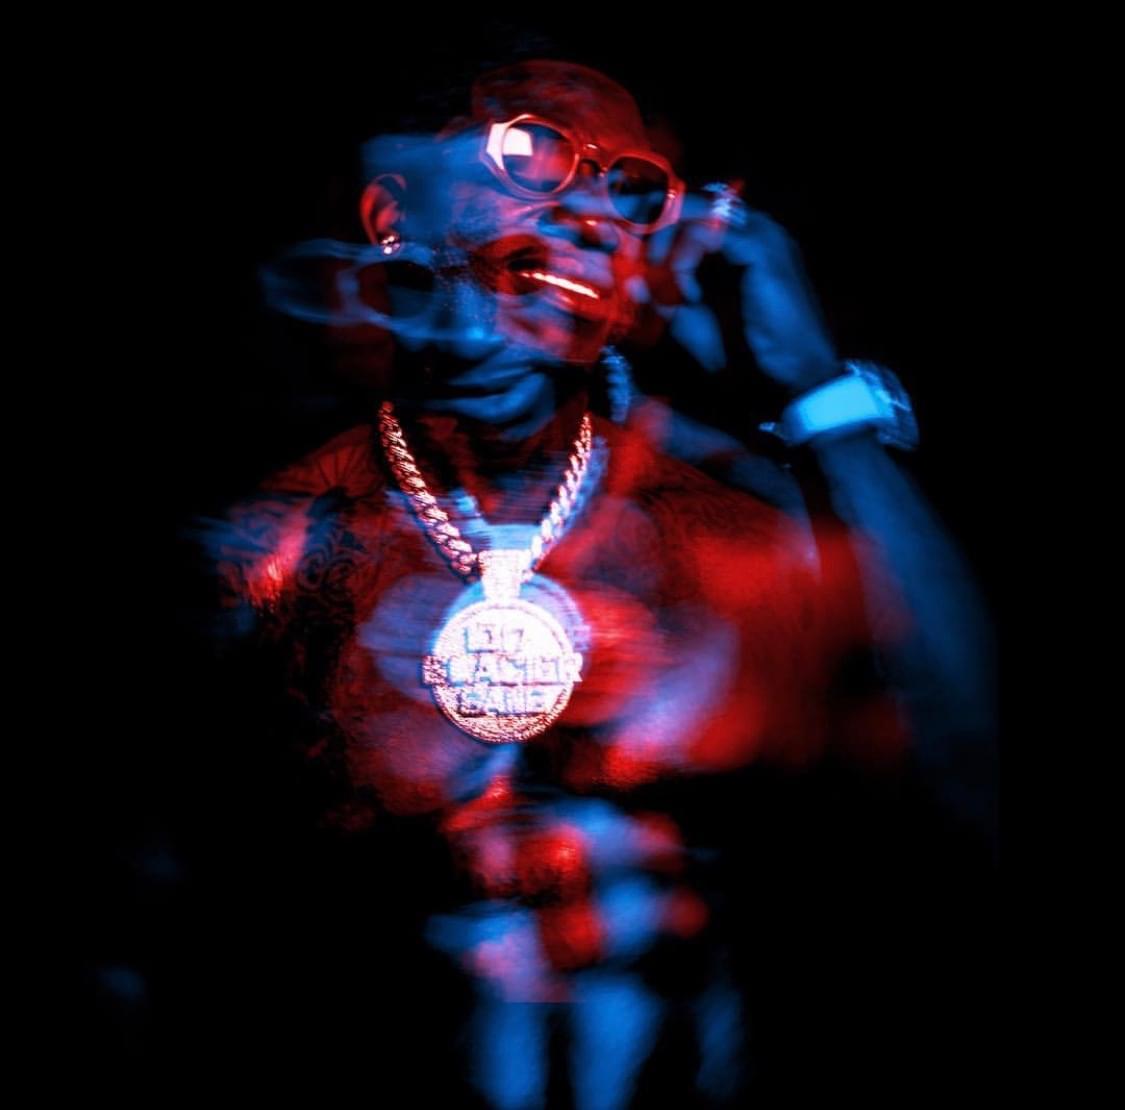 Gucci Mane Releases 'Evil Genius' Featuring 21 Savage, Quavo, and More [STREAM]